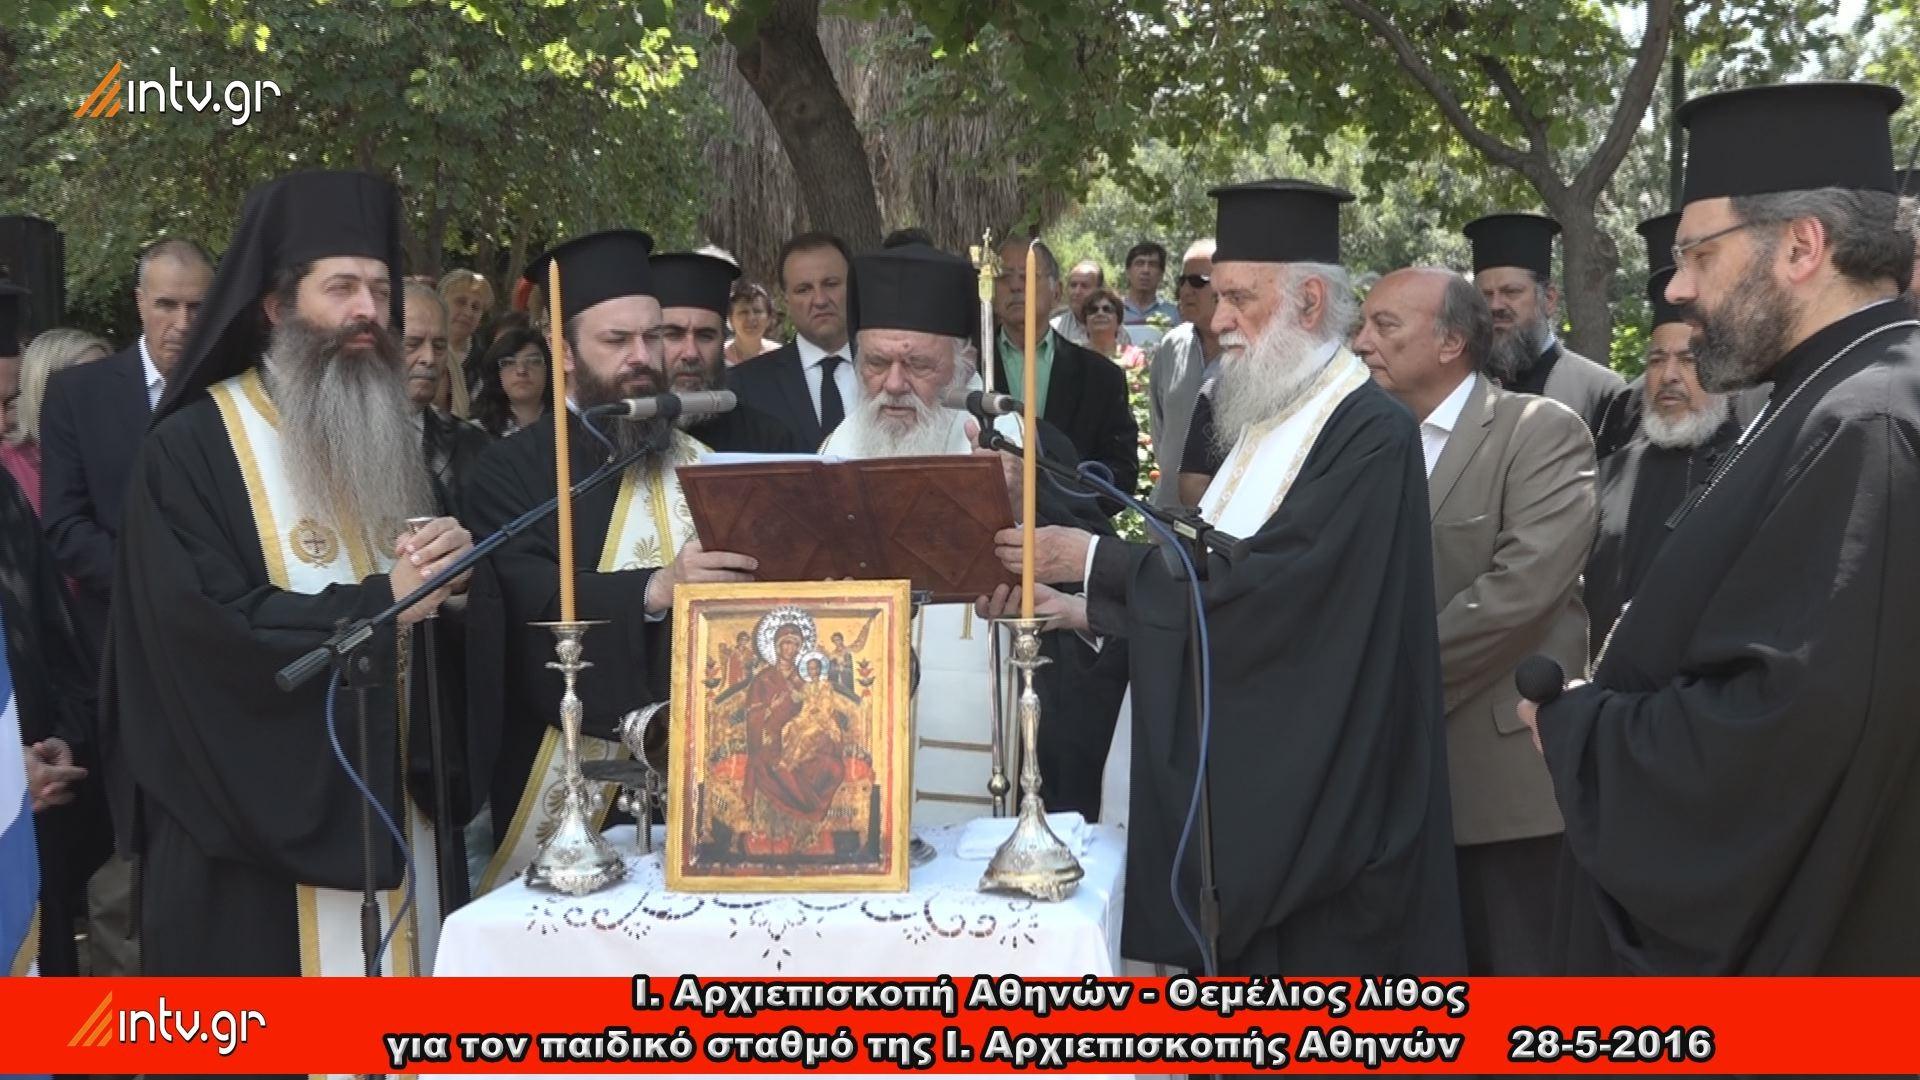 Ι. Αρχιεπισκοπή Αθηνών - Θεμέλιος λίθος για τον παιδικό σταθμό της Ι. Αρχιεπισκοπής Αθηνών